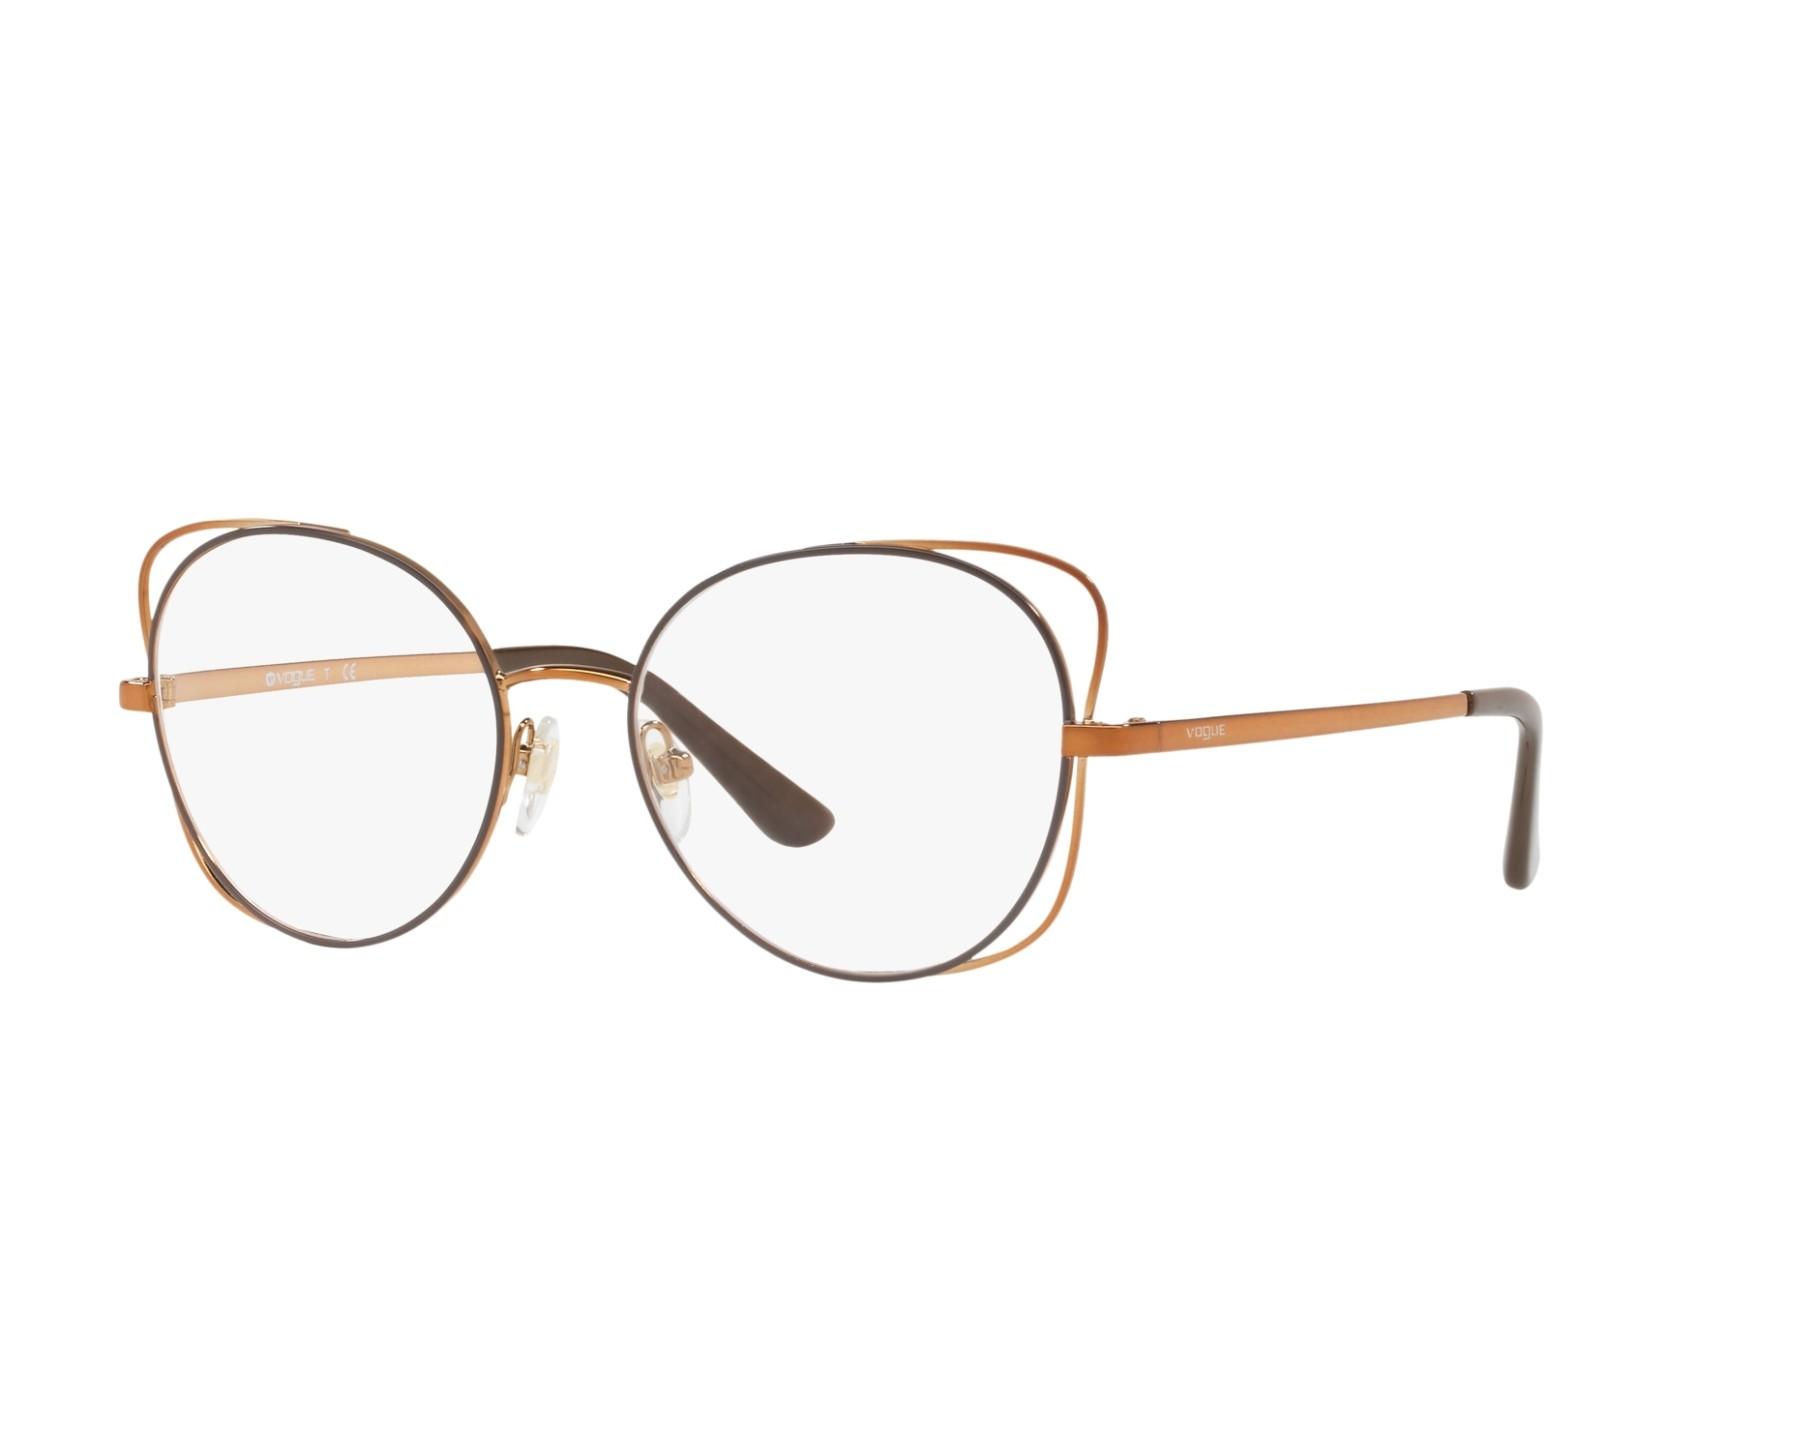 7068a769598df Lunettes de vue Vogue VO-4068 5021 - Marron Copper